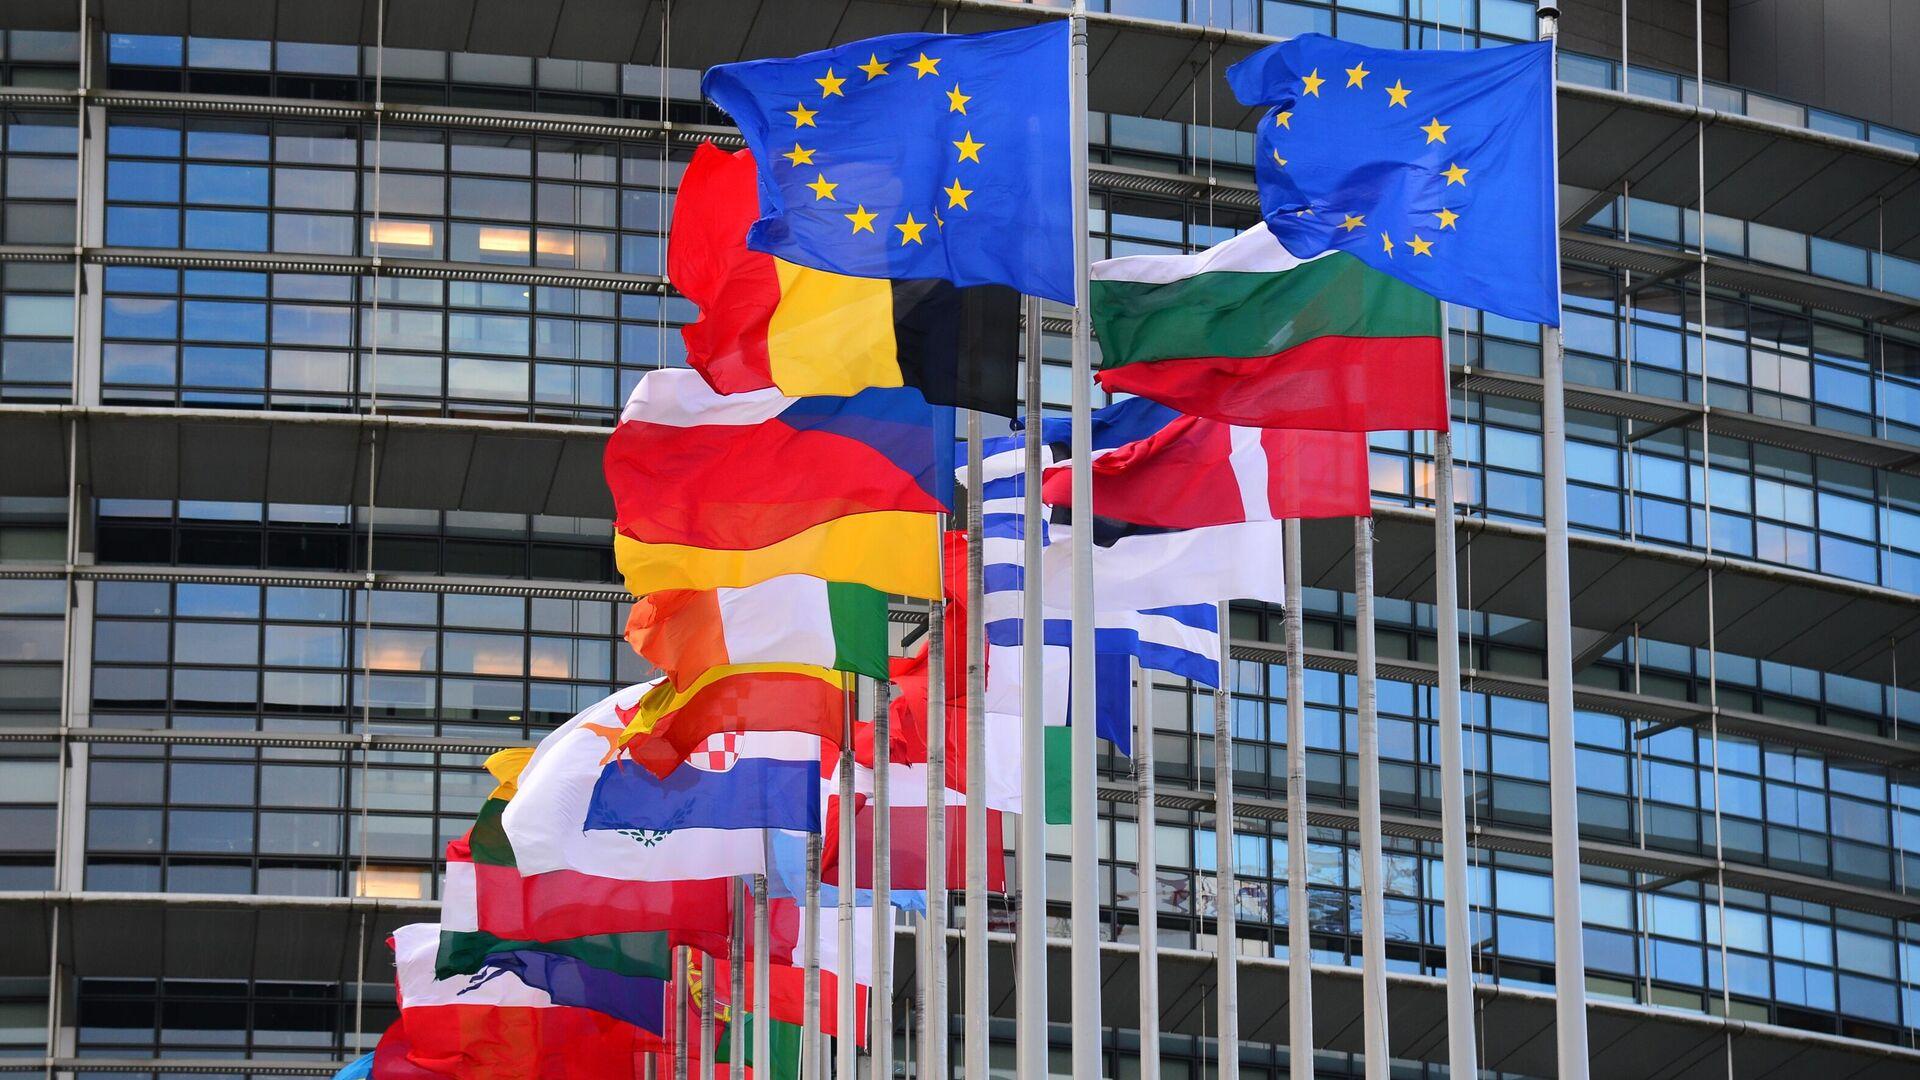 Флаги стран Евросоюза перед главным зданием Европейского парламента в Страсбурге - РИА Новости, 1920, 11.02.2021